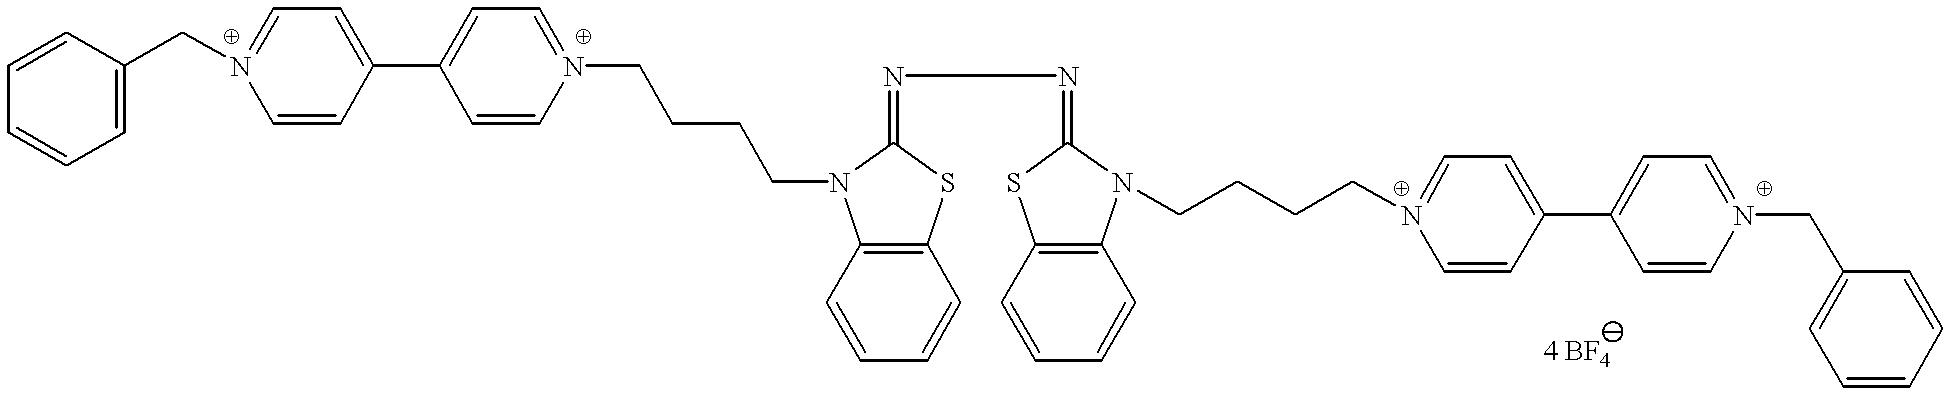 Figure US06241916-20010605-C00058